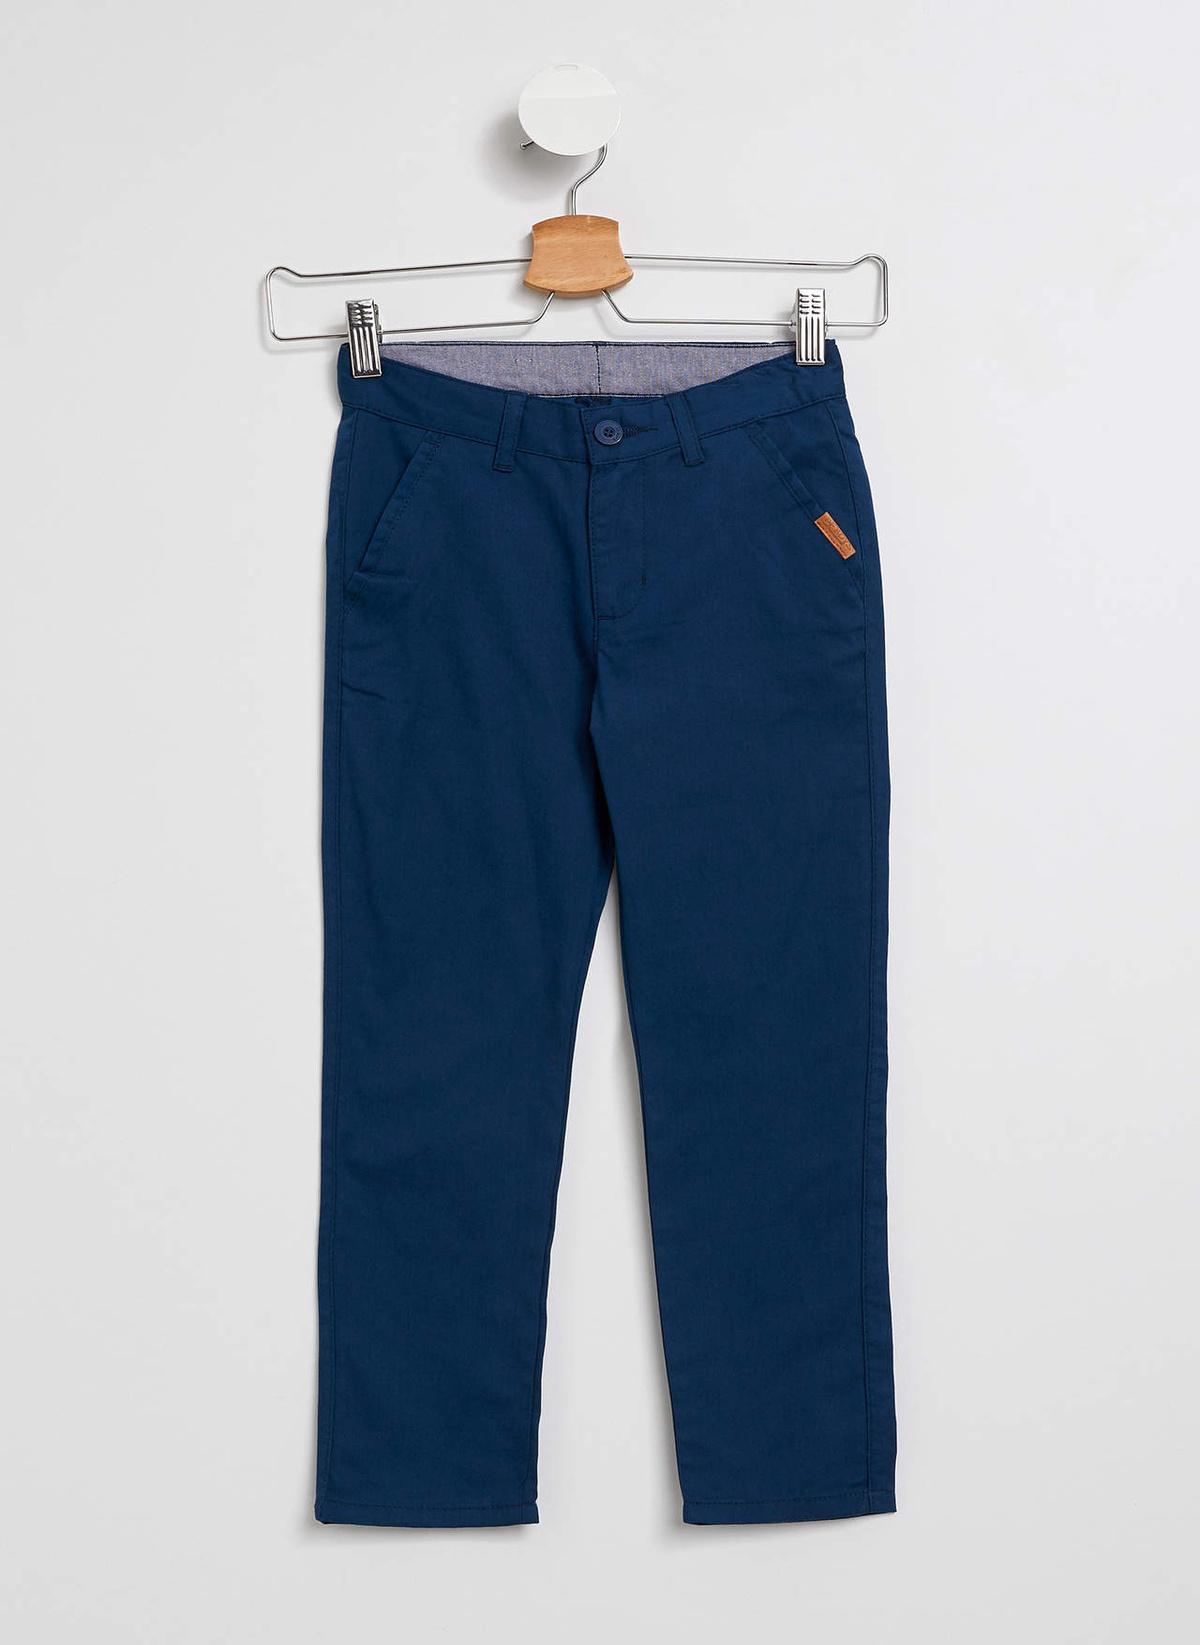 Defacto Pantolon K4621a619spnm4 Slim Fit Chino Pantolon – 39.99 TL